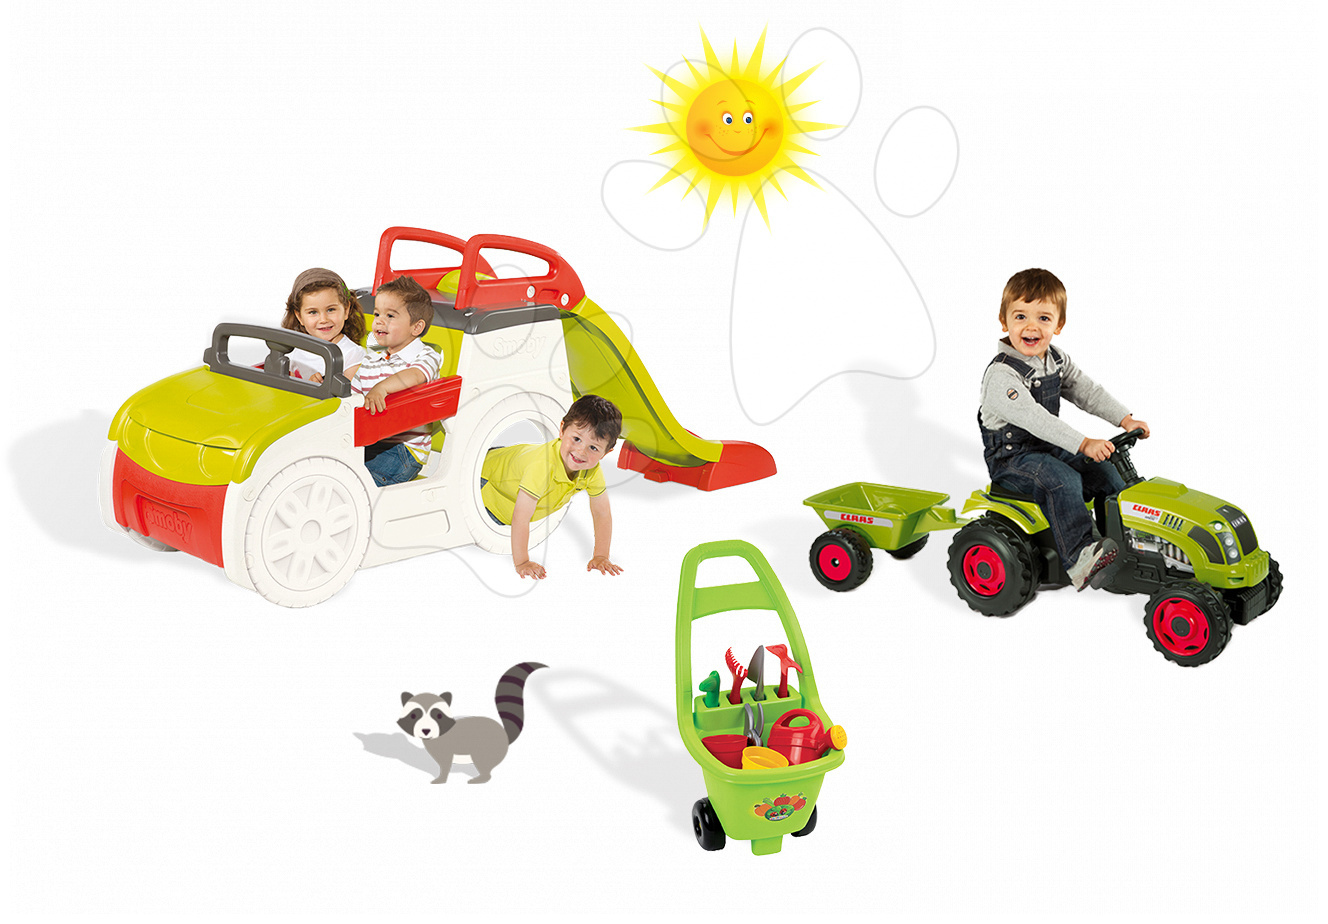 Set prolézačka pro děti Adventure Car Smoby se skluzavkou dlouhou 150 cm, traktor Claas GM a vozík pro zahradníka od 2 let